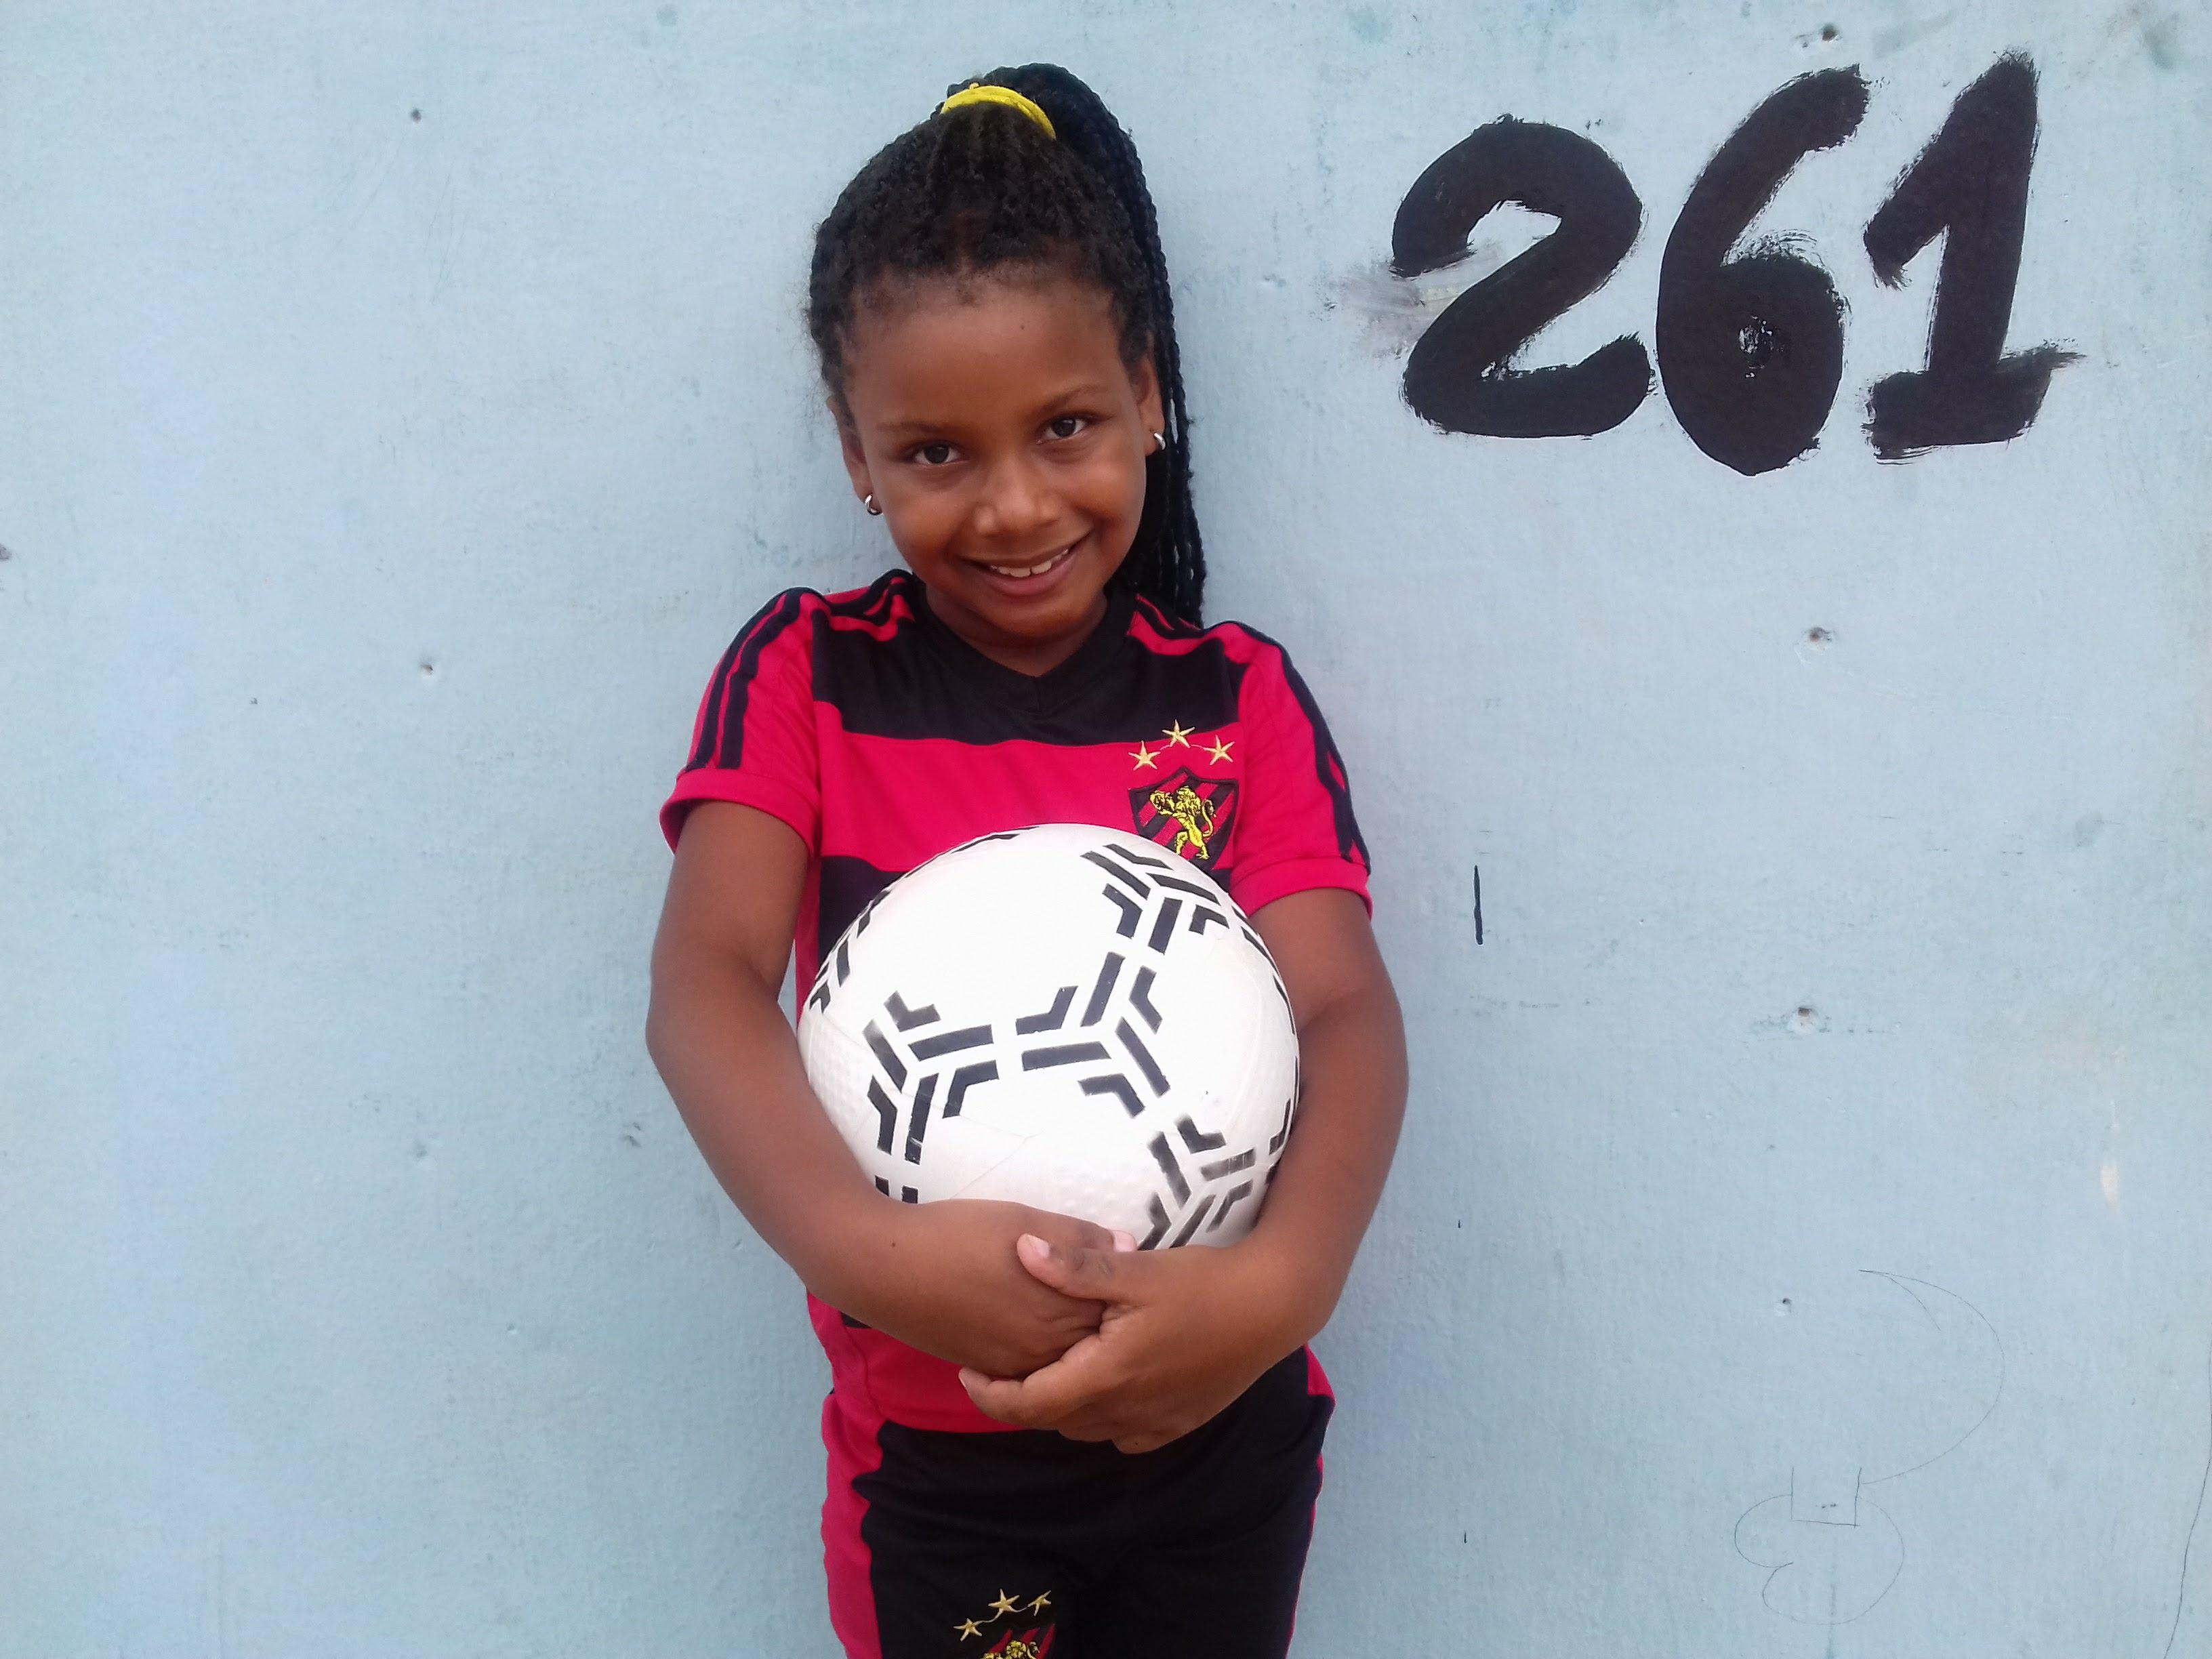 Meninas no futebol